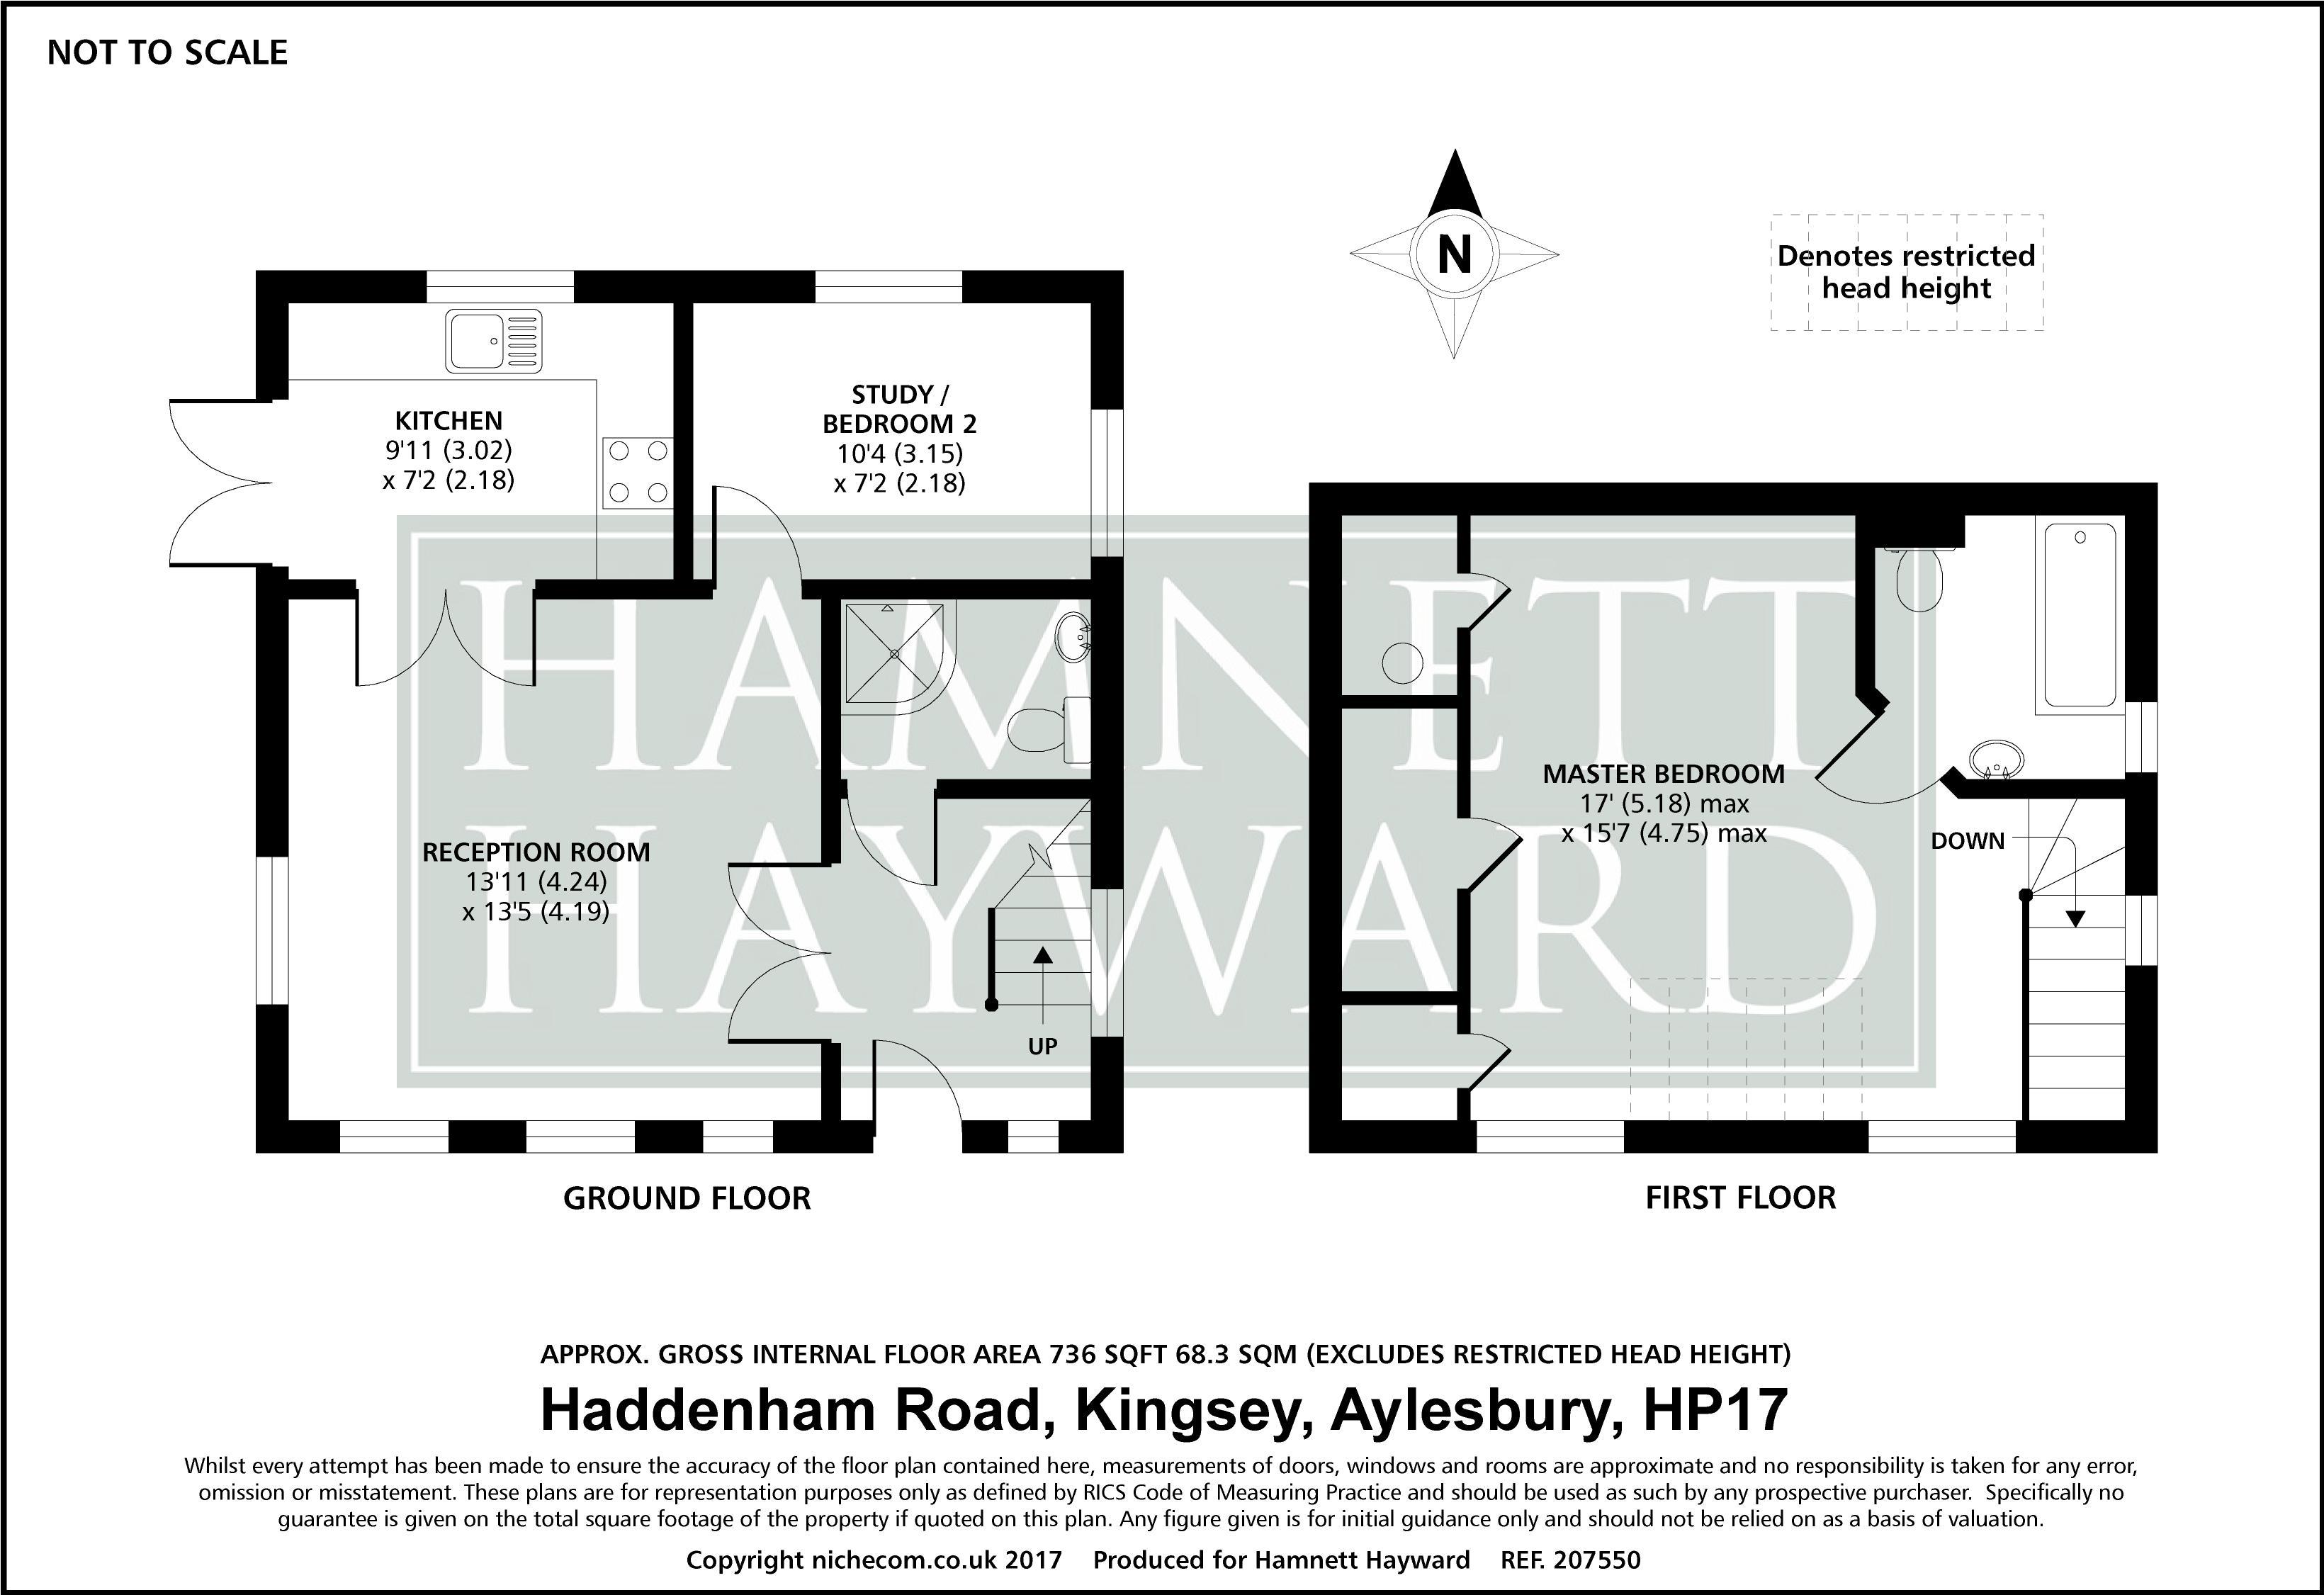 Haddenham Road